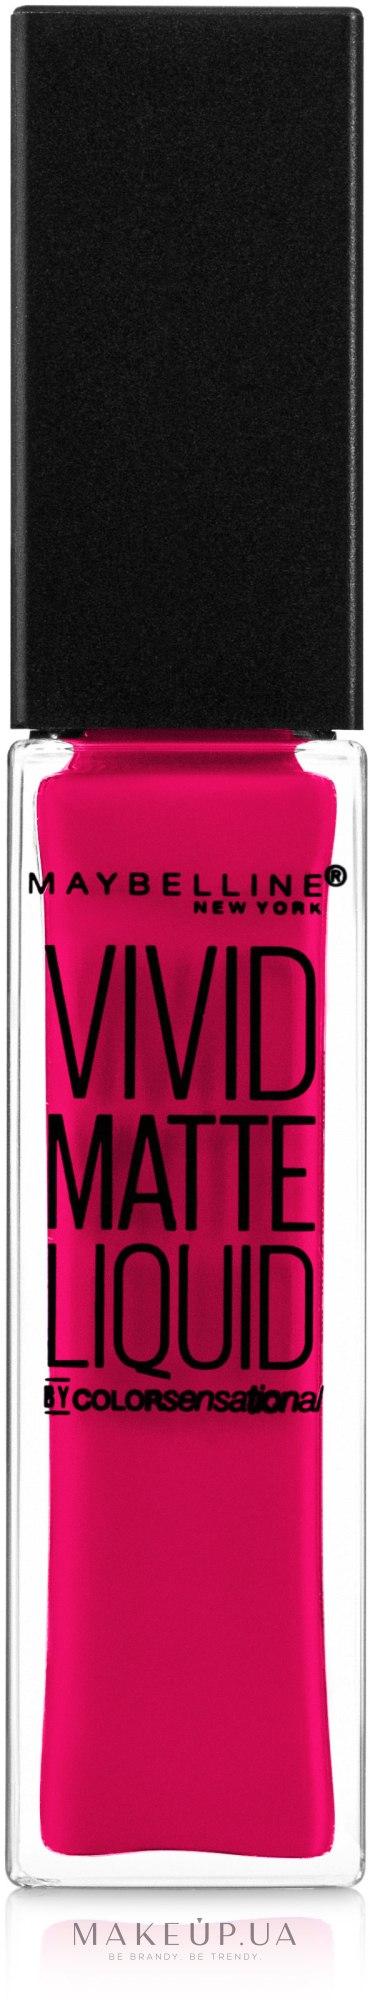 Блеск для губ - Maybelline New York Color Sensational Vivid Matte Liquid — фото 15 - Electric Pink